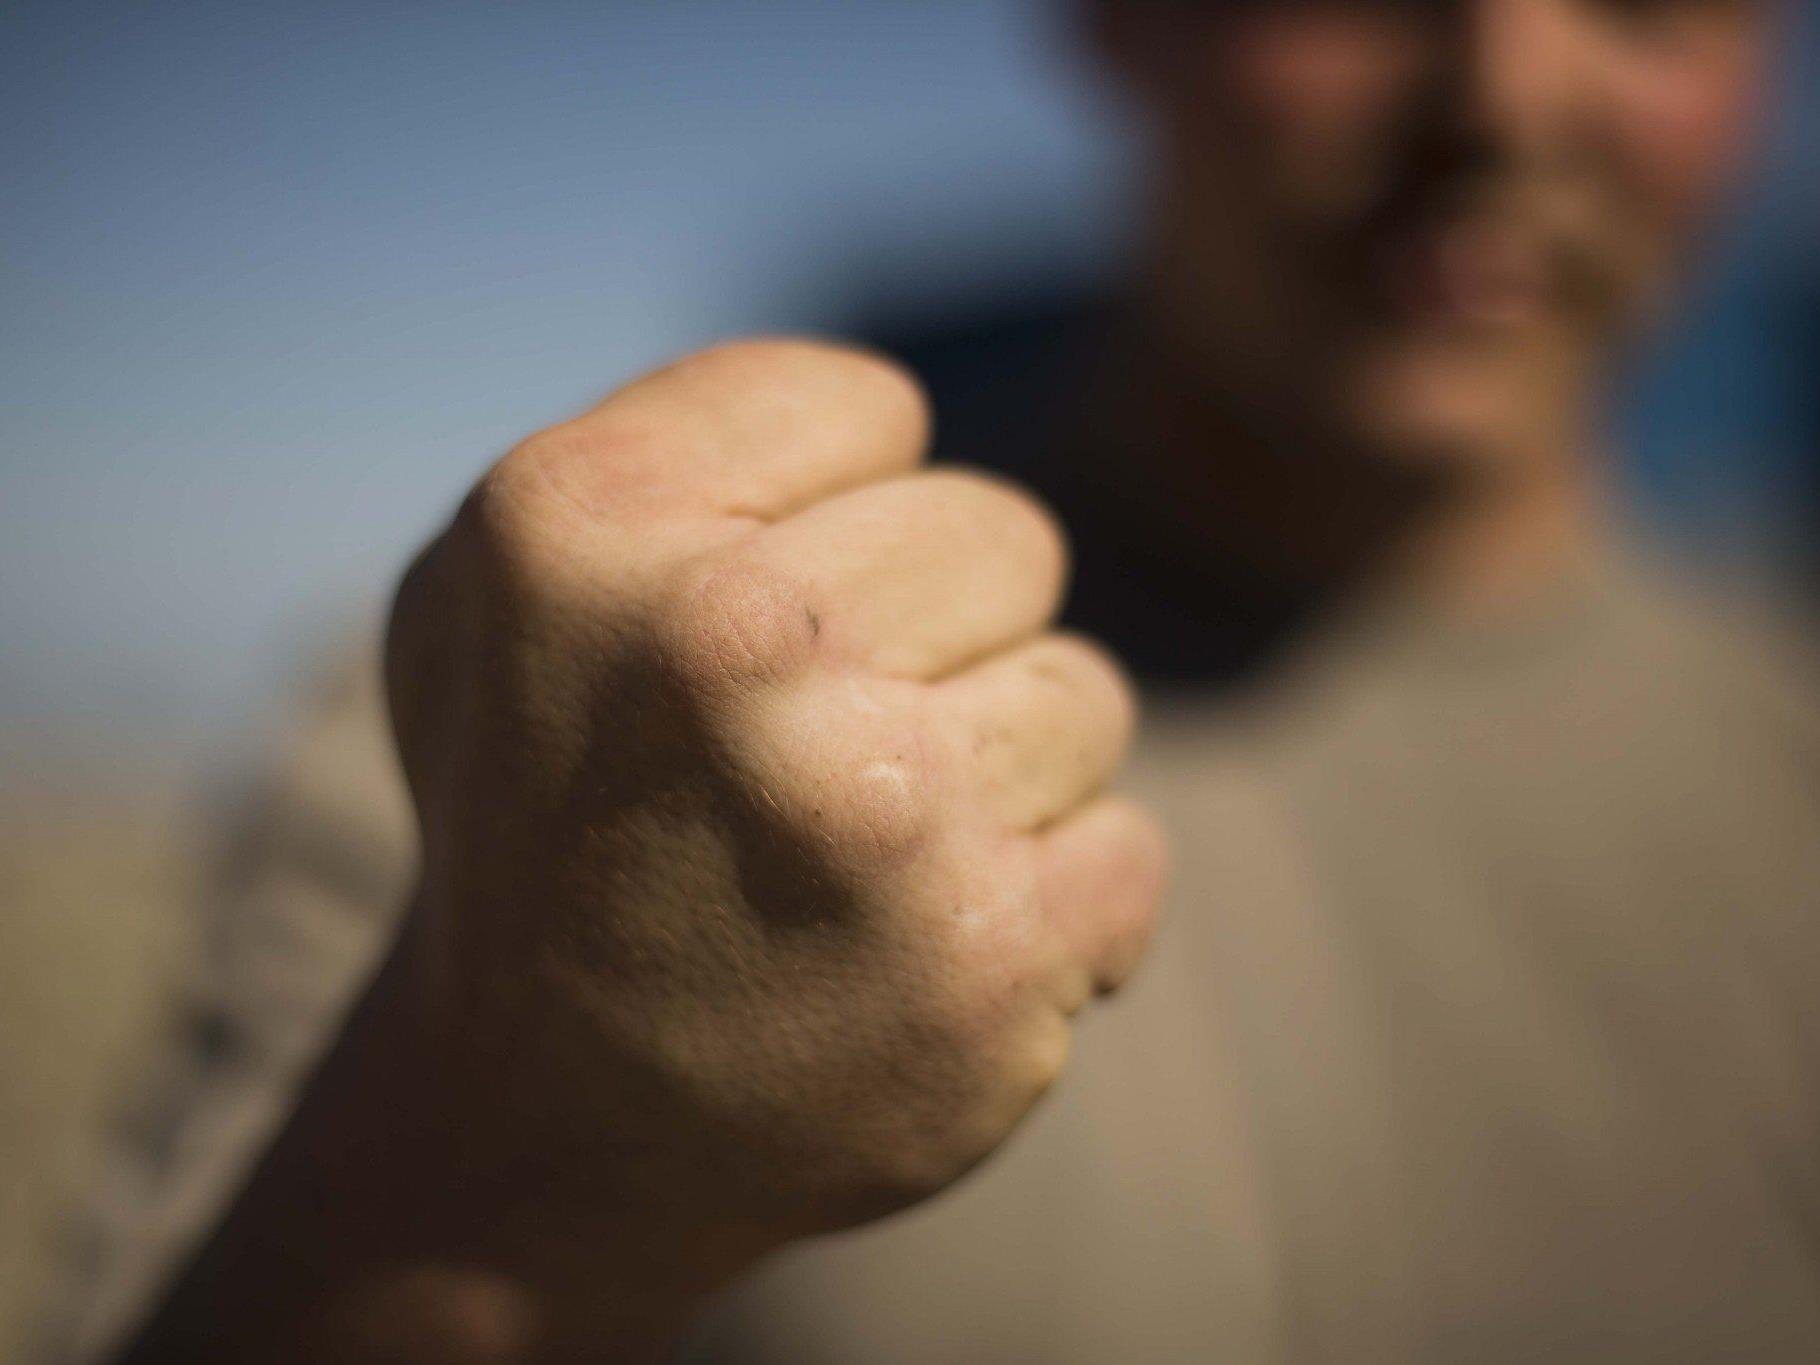 Der Ungar bewarf die 17-Jährige zuerst mit Münzen, dann schlug er zweimal zu.